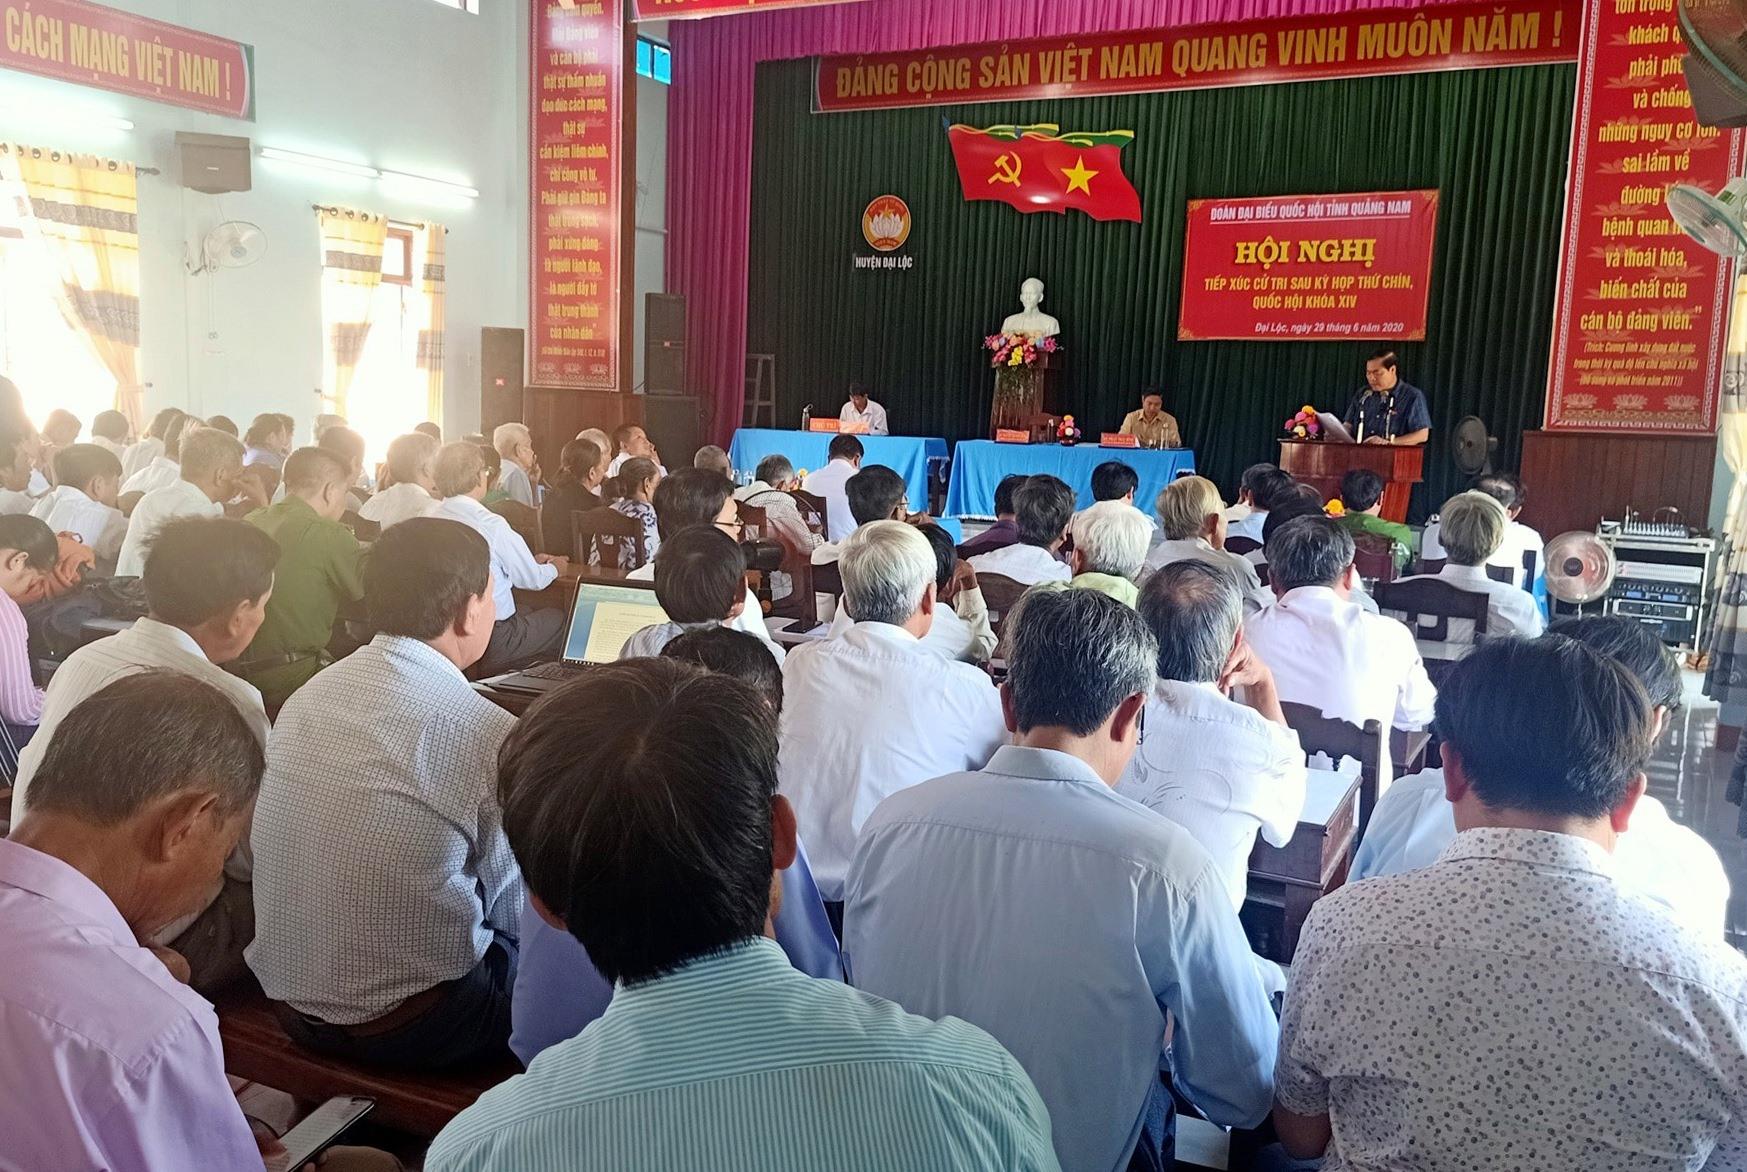 Đông đảo cử tri các xã vùng A của huyện Đại Lộc có mặt tại buổi tiếp xúc cử tri. Ảnh: HOÀNG LIÊN